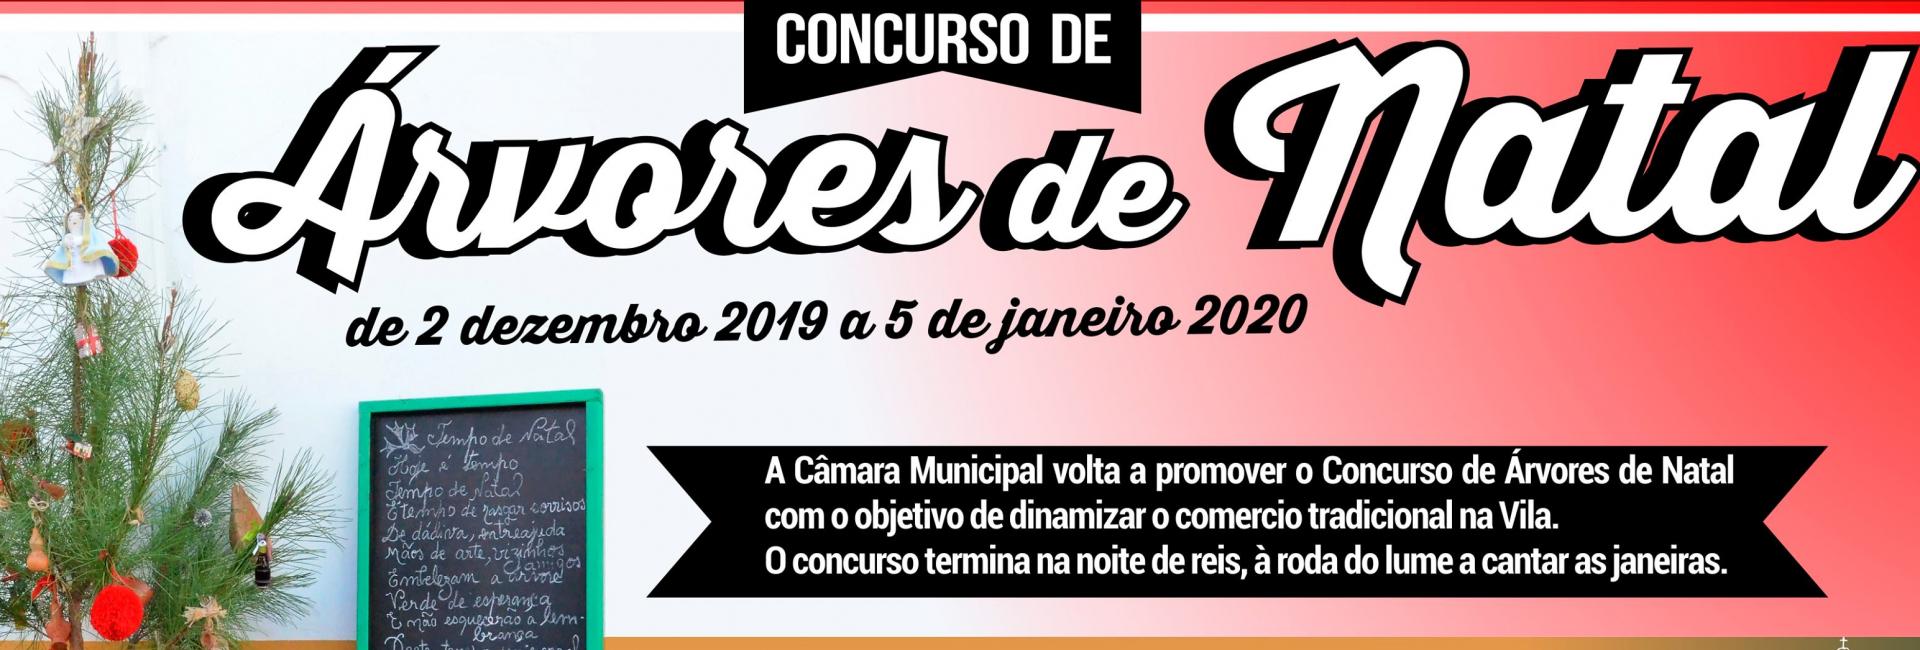 (Português) Câmara Municipal promove concurso de árvores de Natal